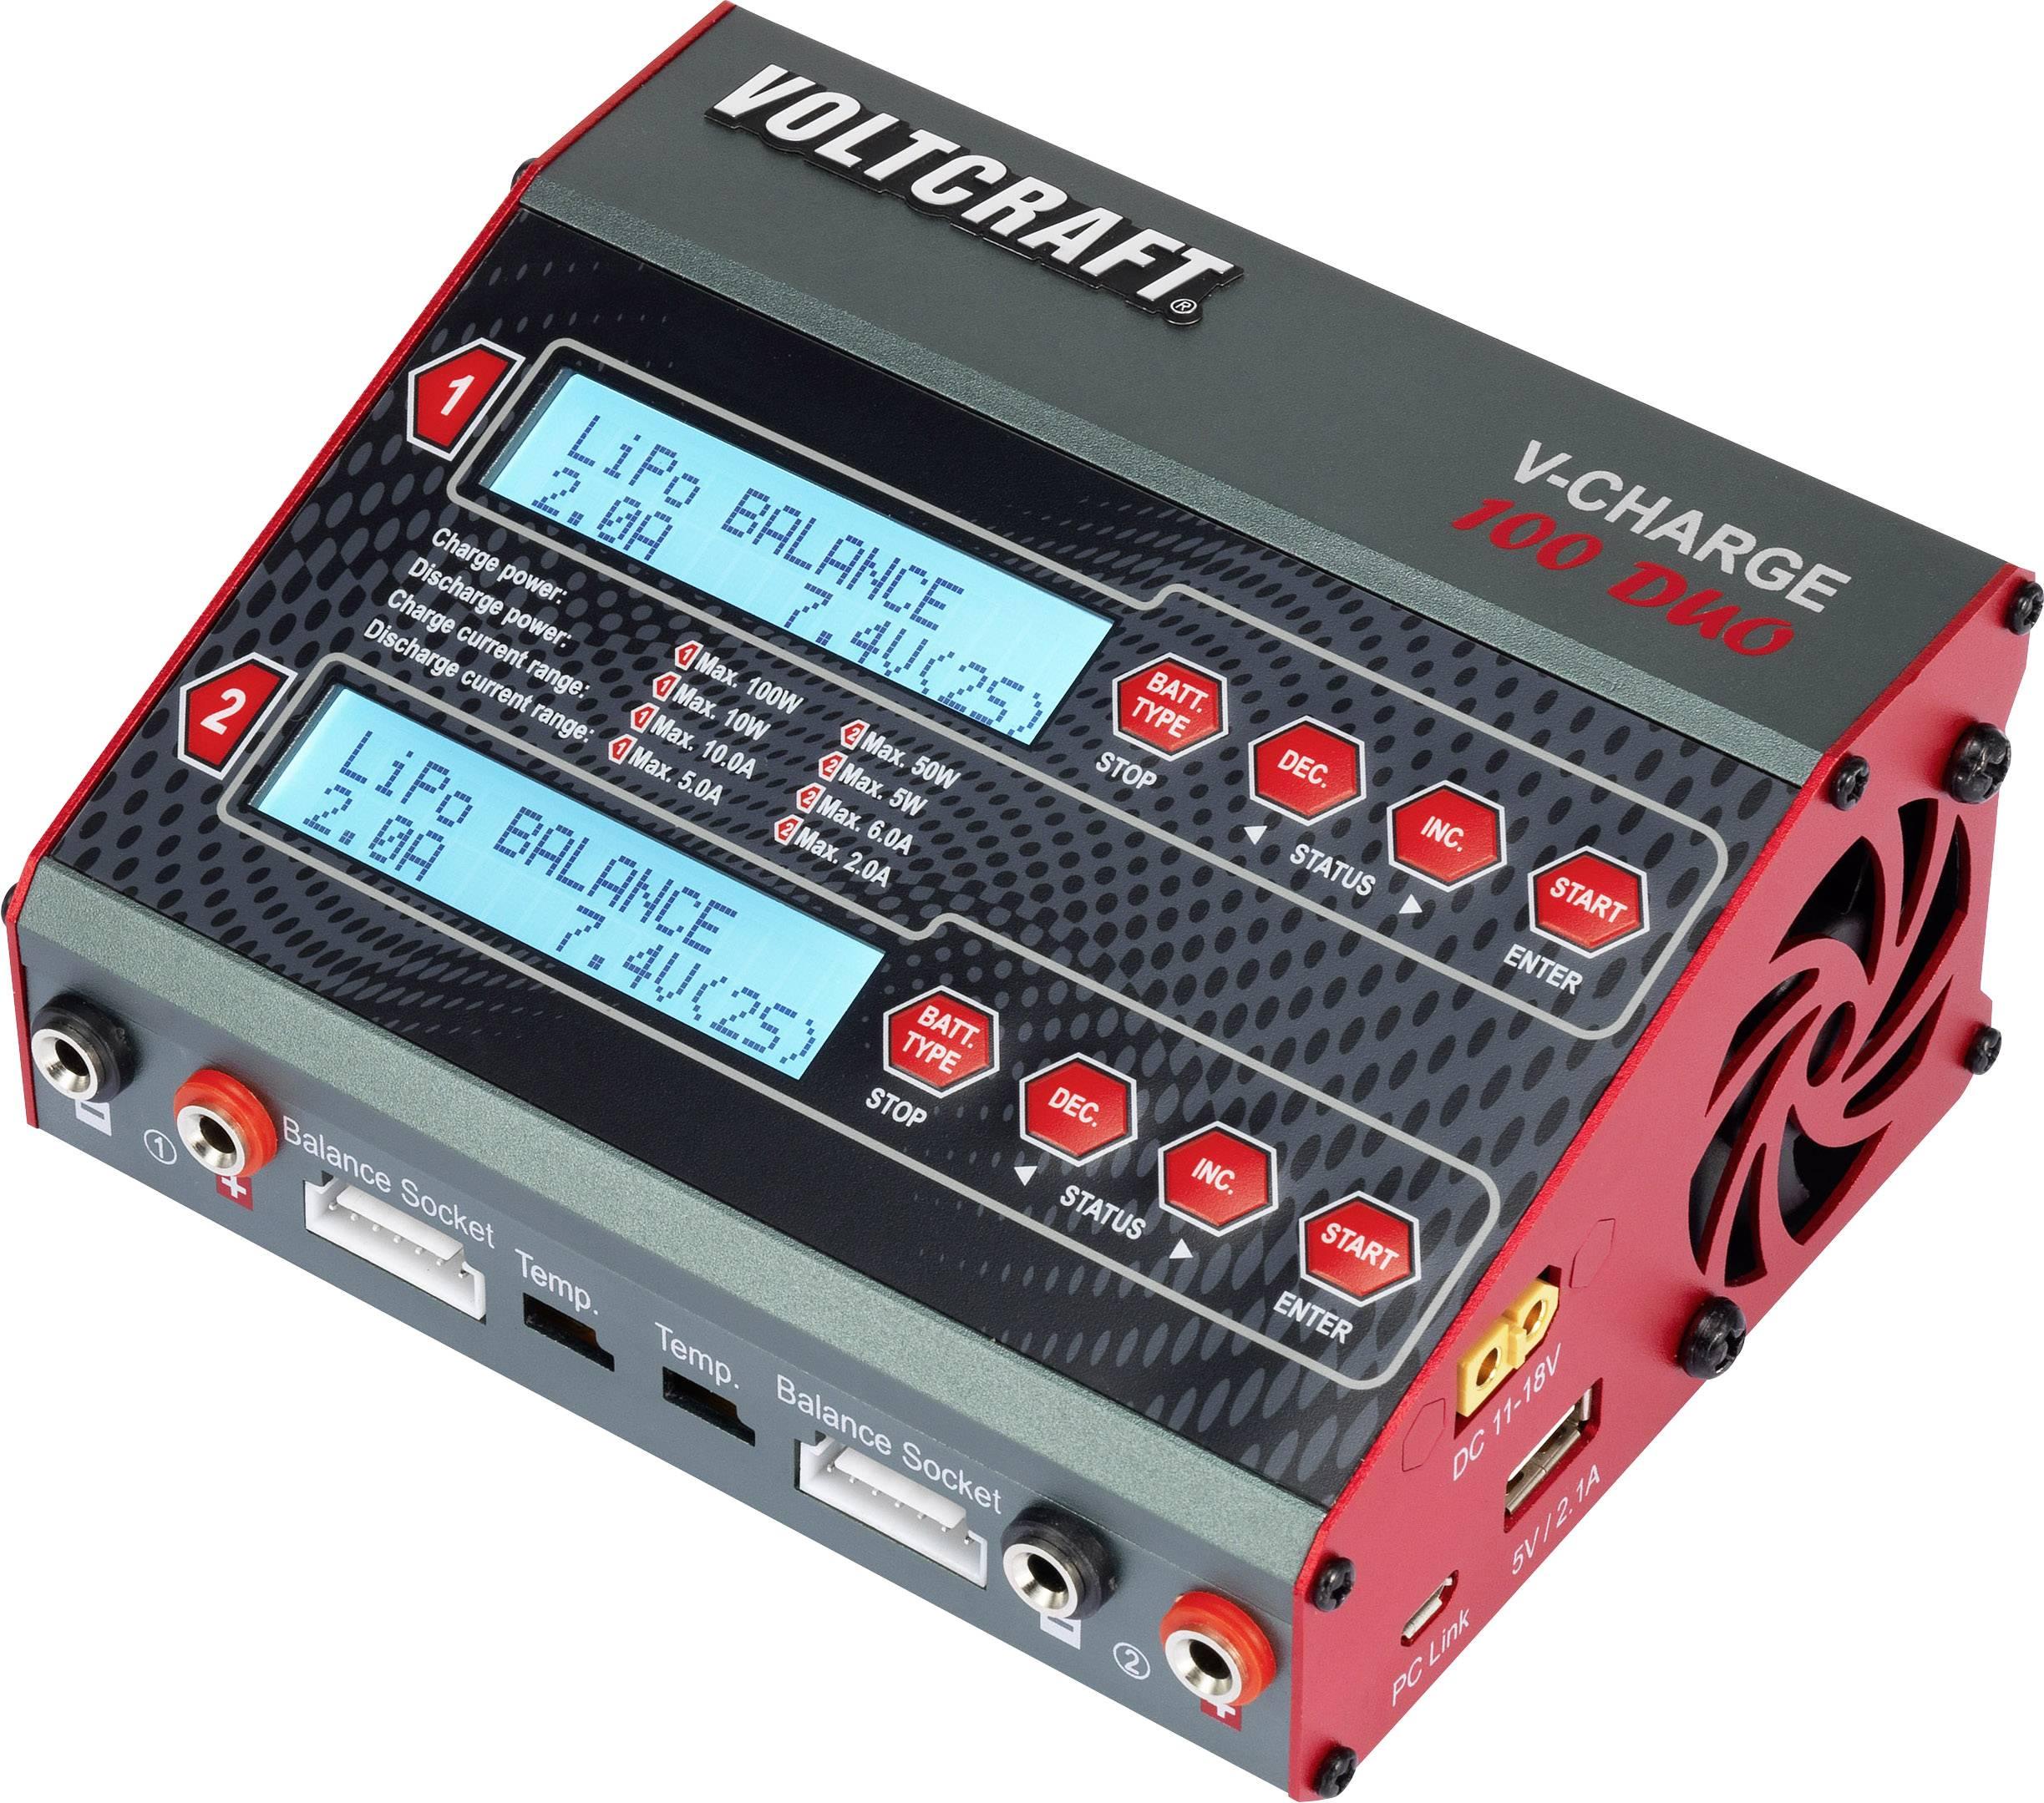 Modelářská multifunkční nabíječka VOLTCRAFT V-Charge 100 Duo 1388391, 12 V, 230 V, 10 A